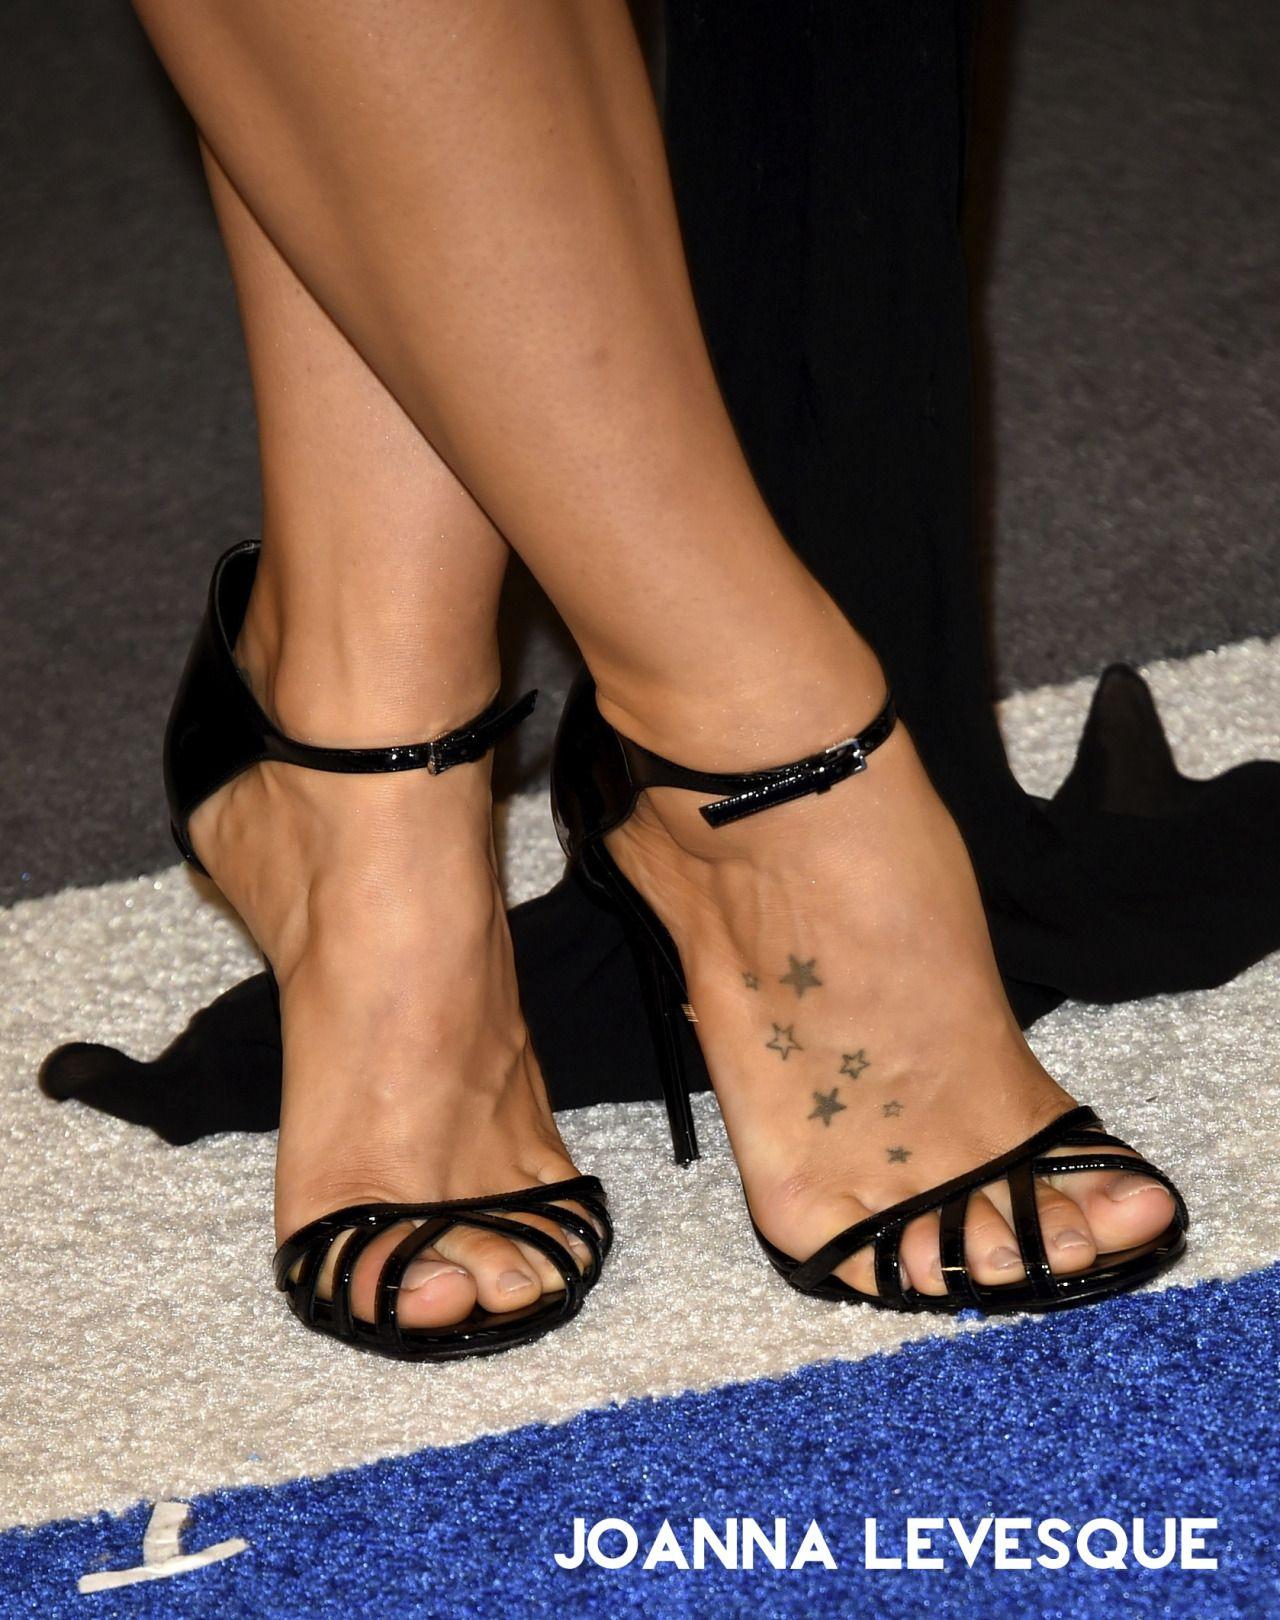 Celebrity Feet Online